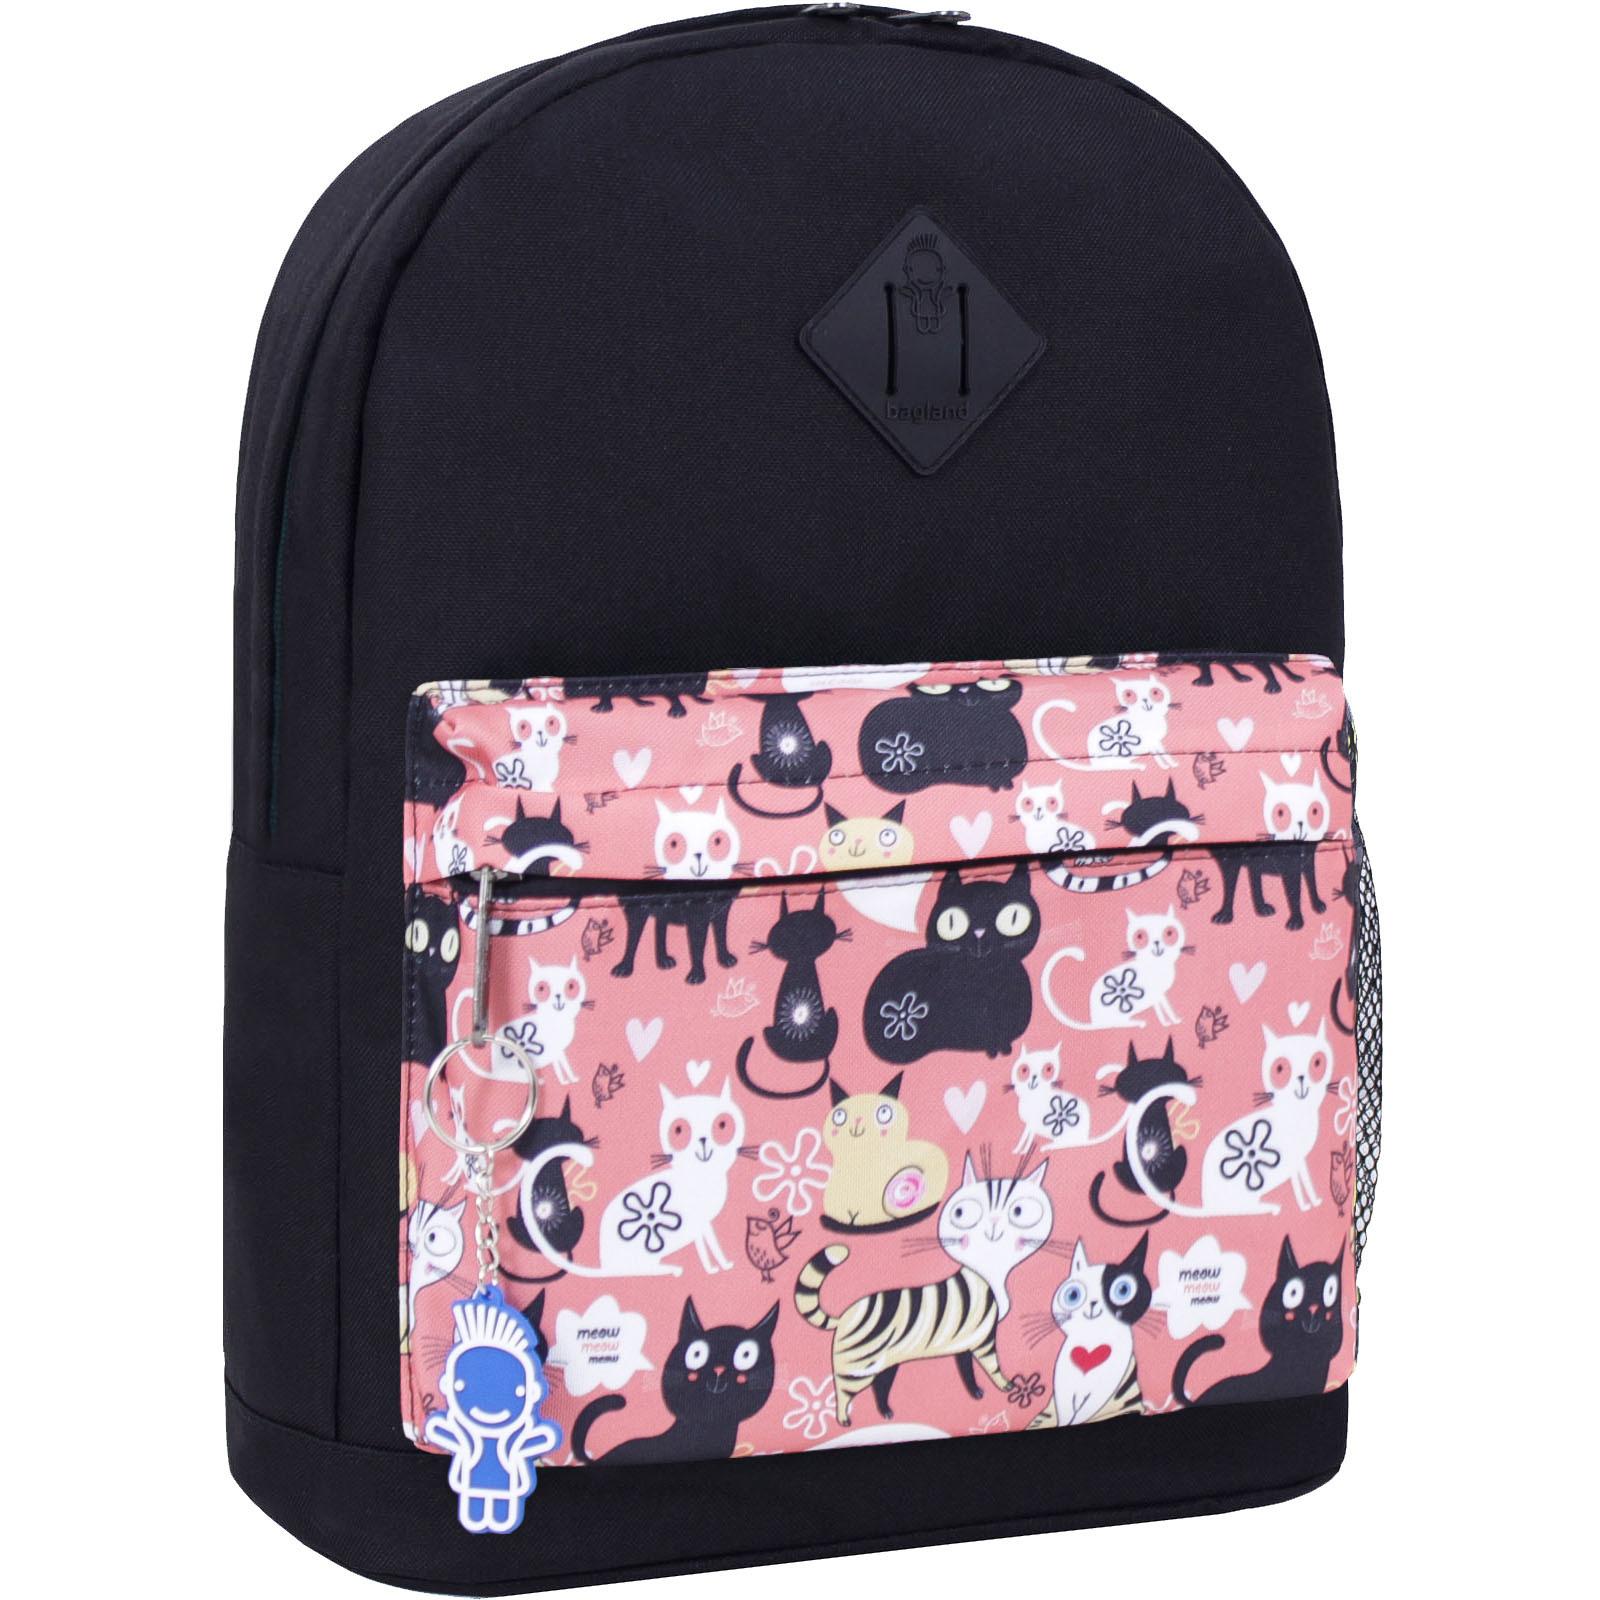 Городские рюкзаки Рюкзак Bagland Молодежный W/R 17 л. черный 447 (00533662) IMG_2585_447_-1600.jpg